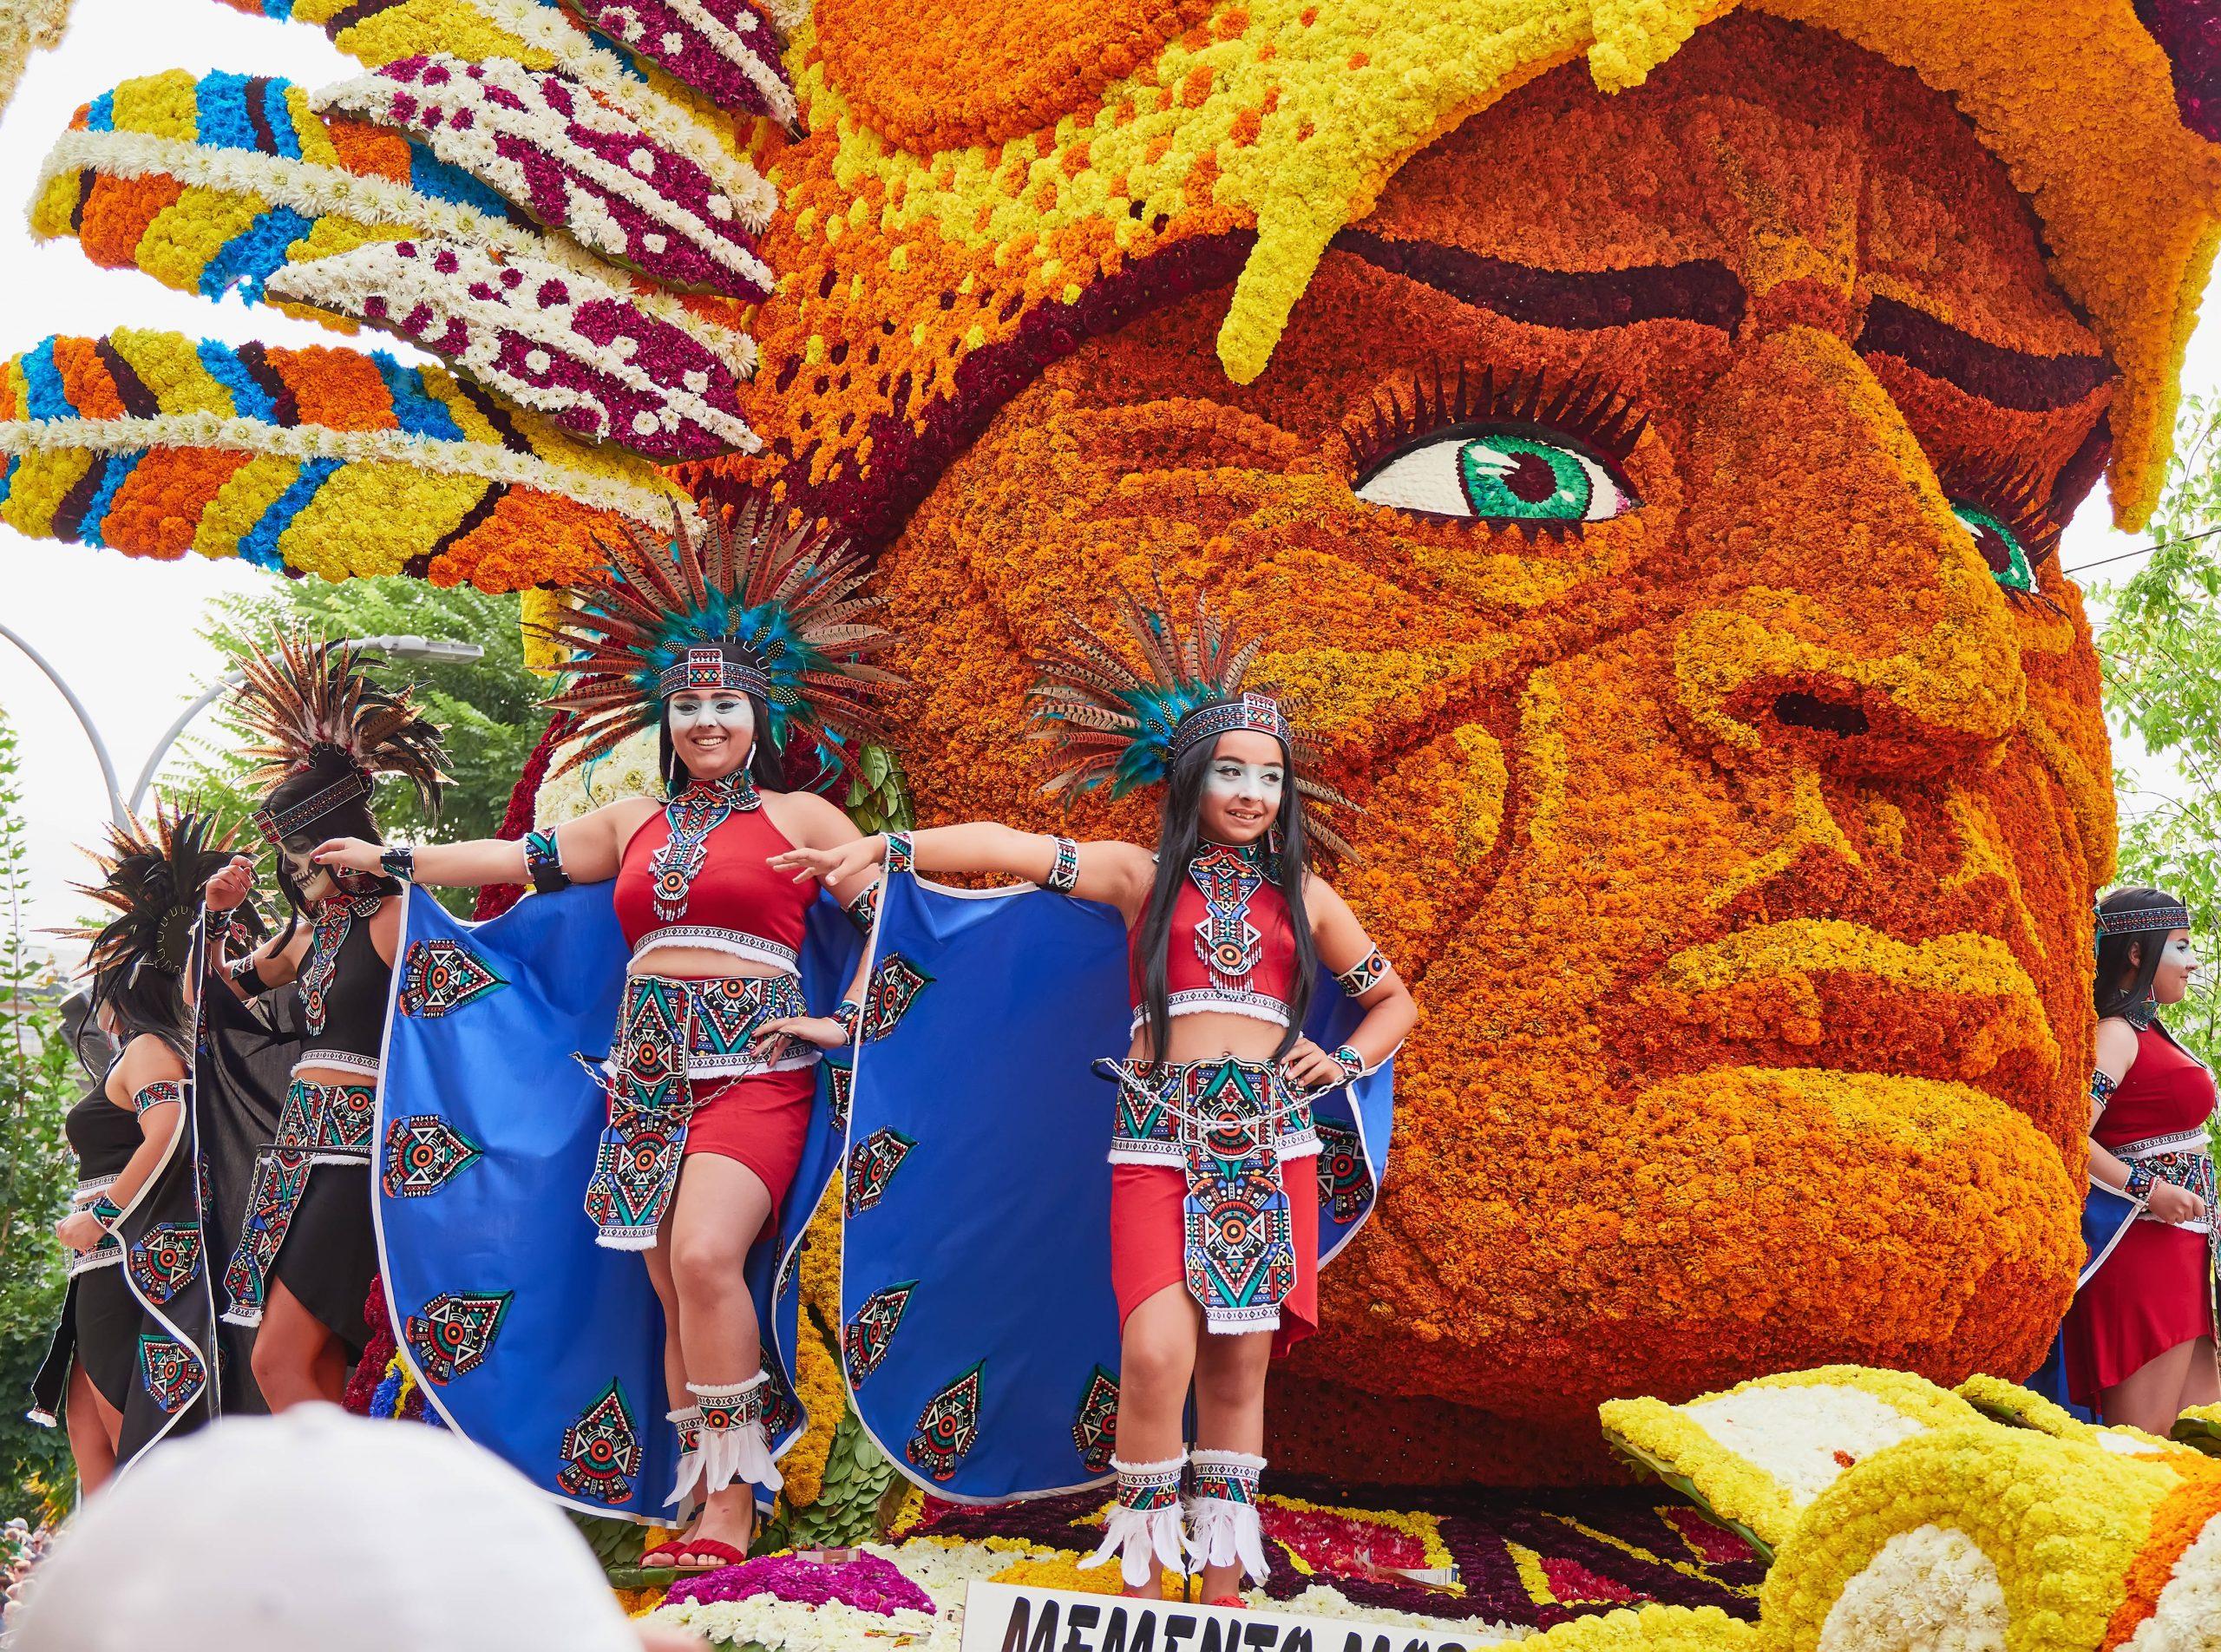 Historia resumida de El Carnaval